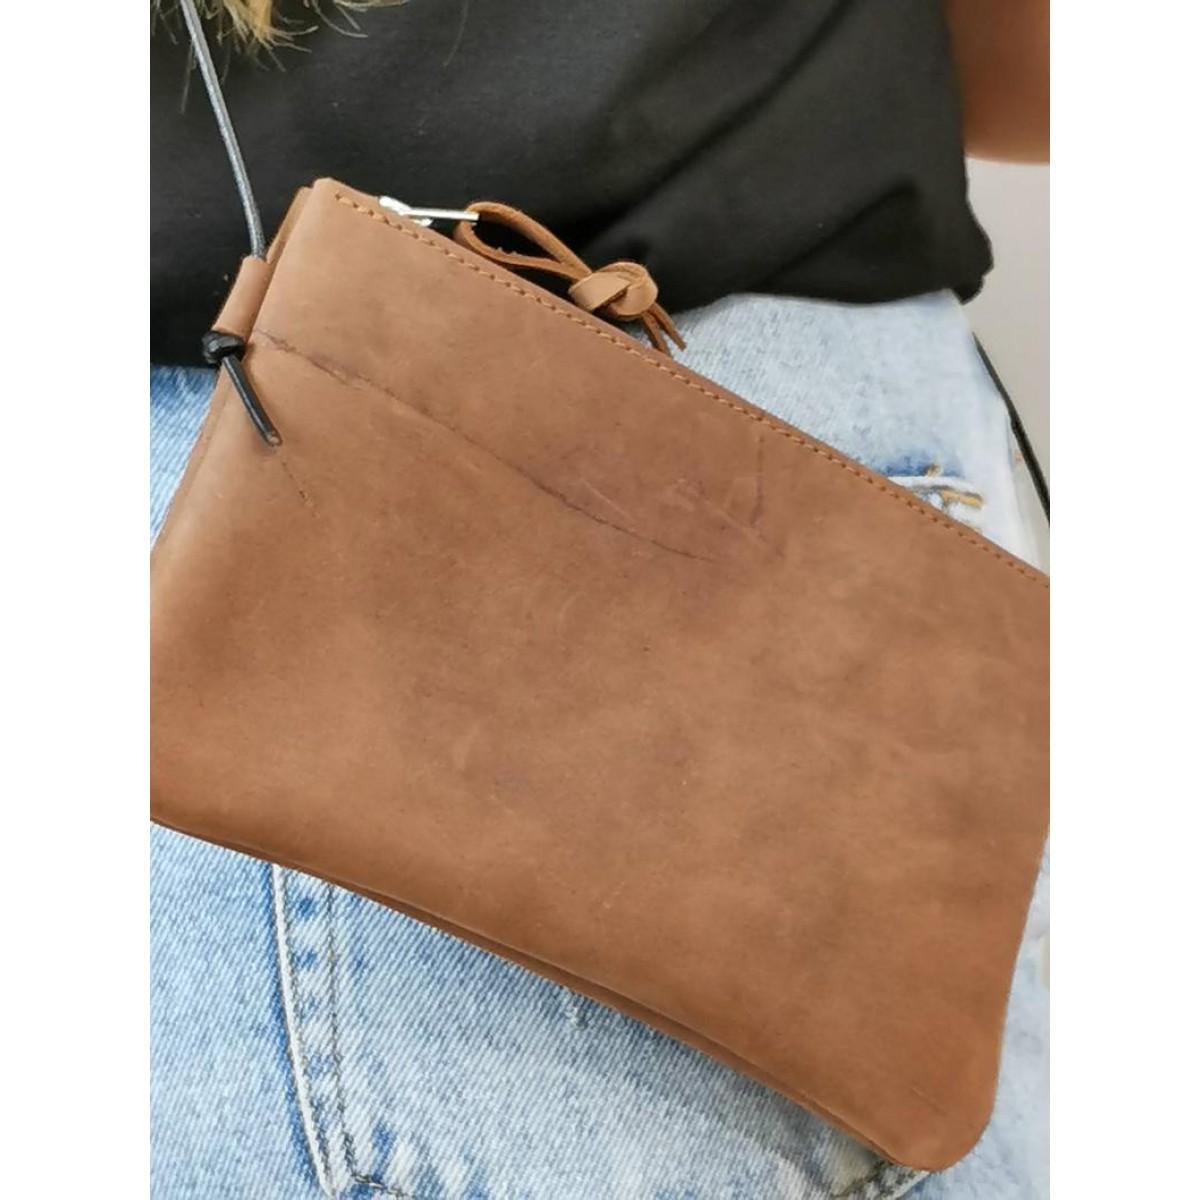 Minitasche // Crossbody Bag // Braune Ledertasche // Smartphonetasche // Ausgehtasche // Minibag